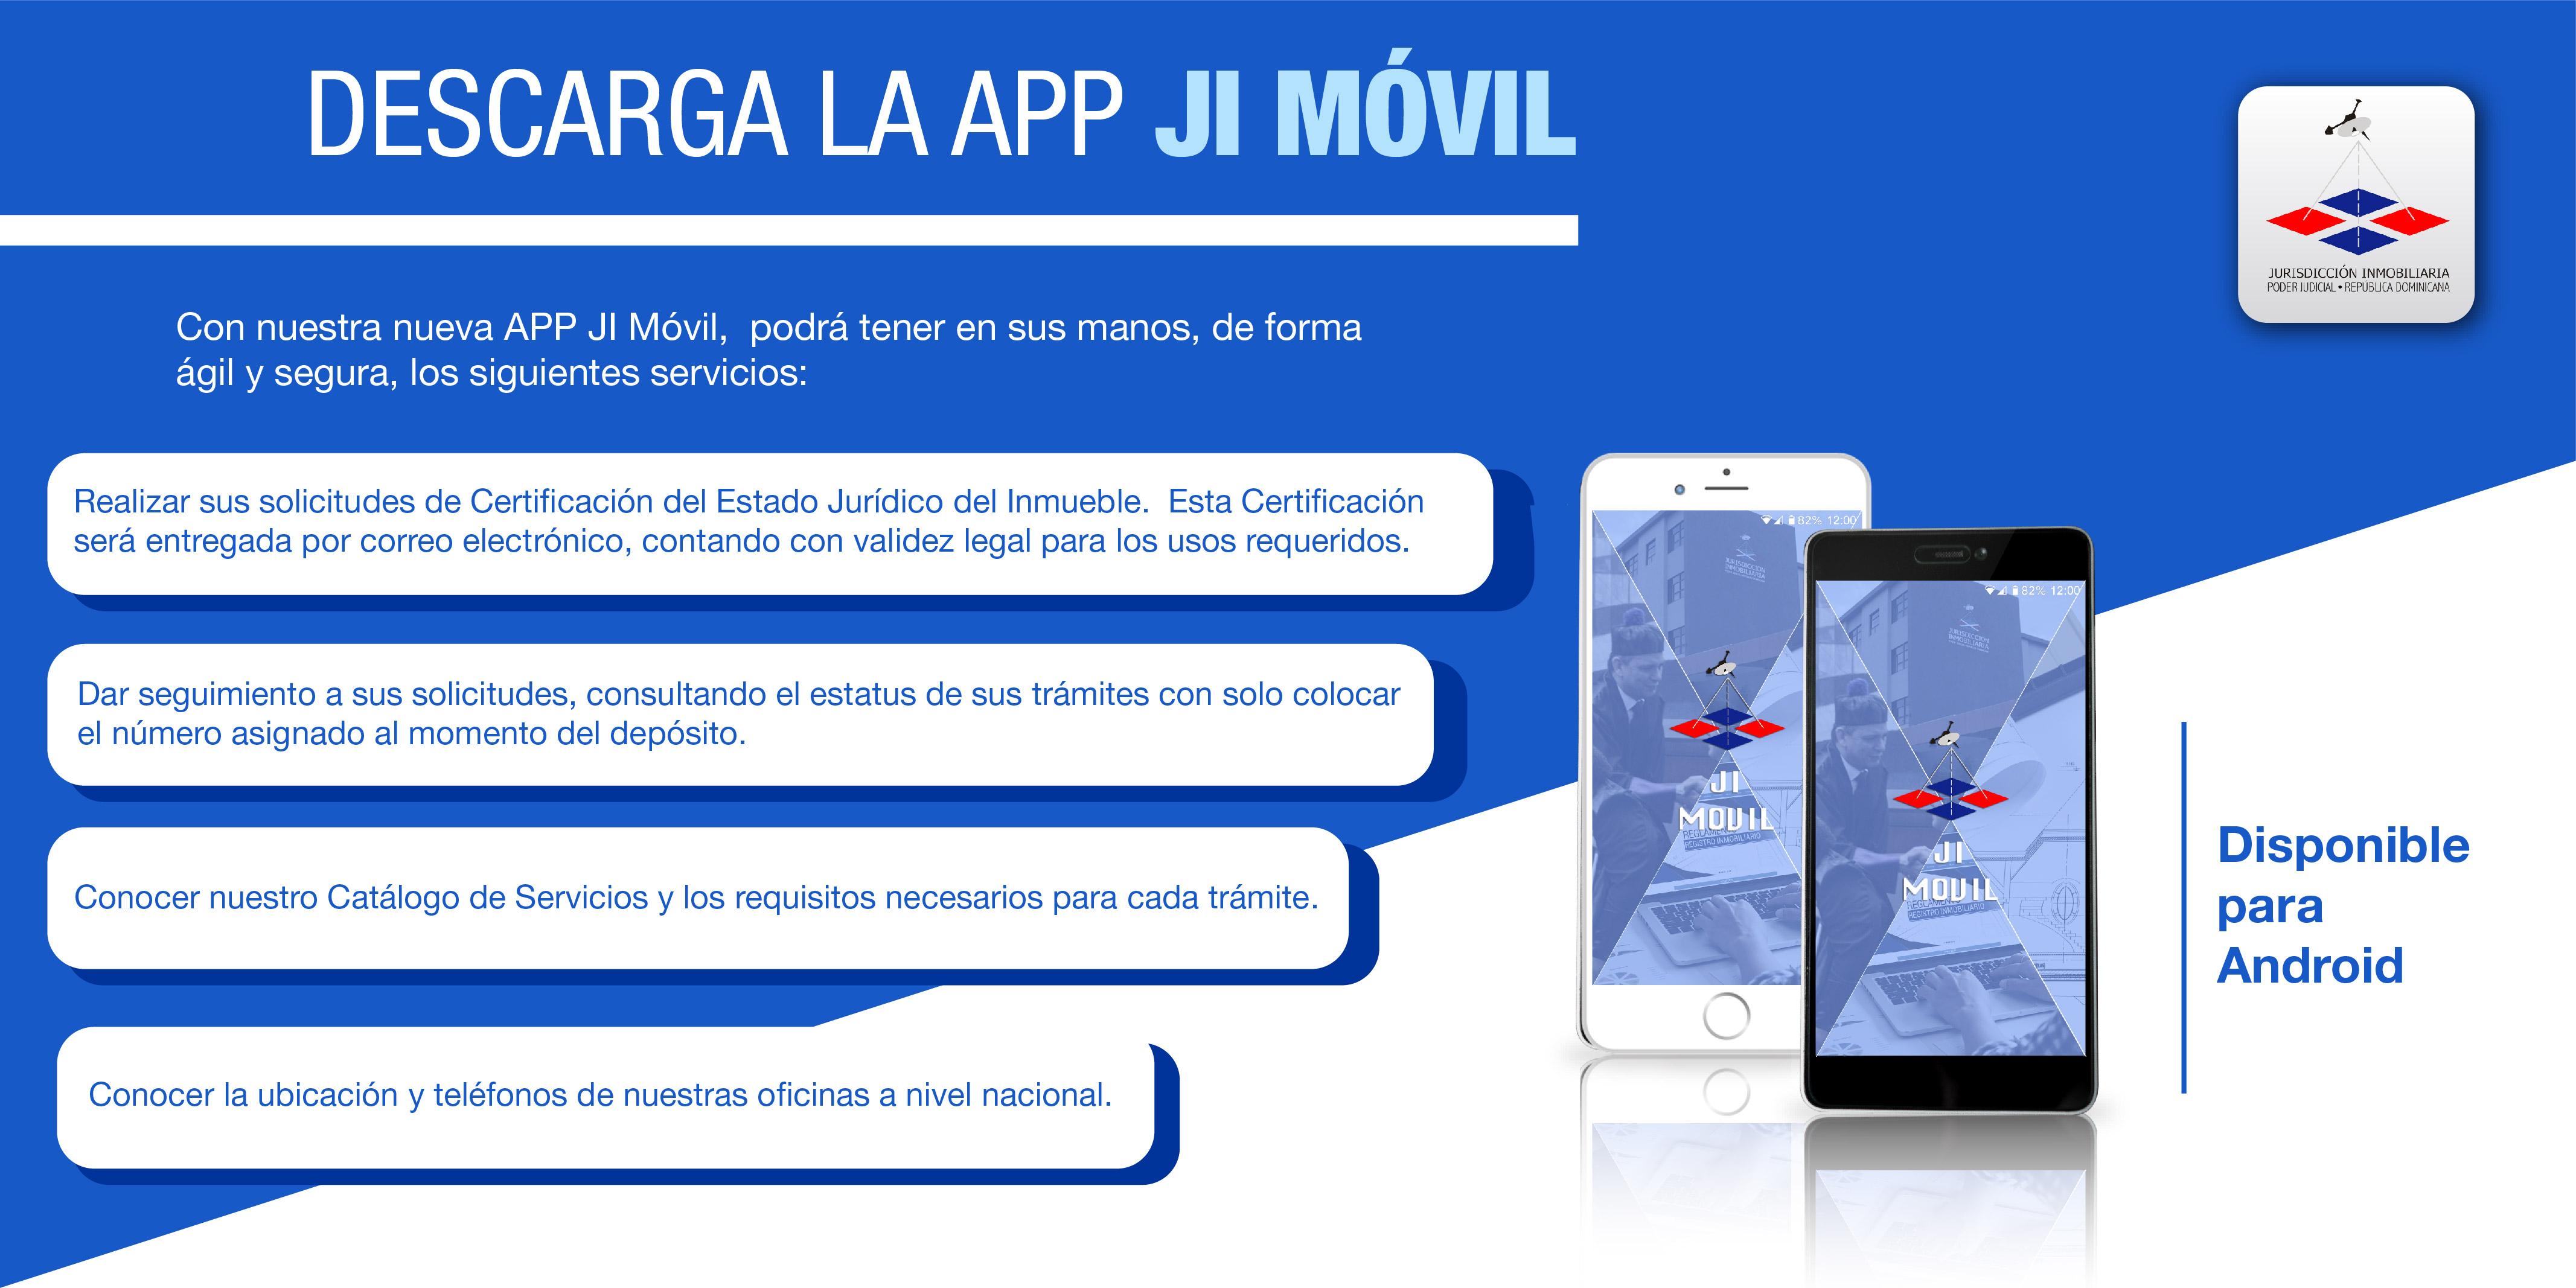 Jurisdicción Inmobiliaria lanza nueva APP para dispositivos móviles.